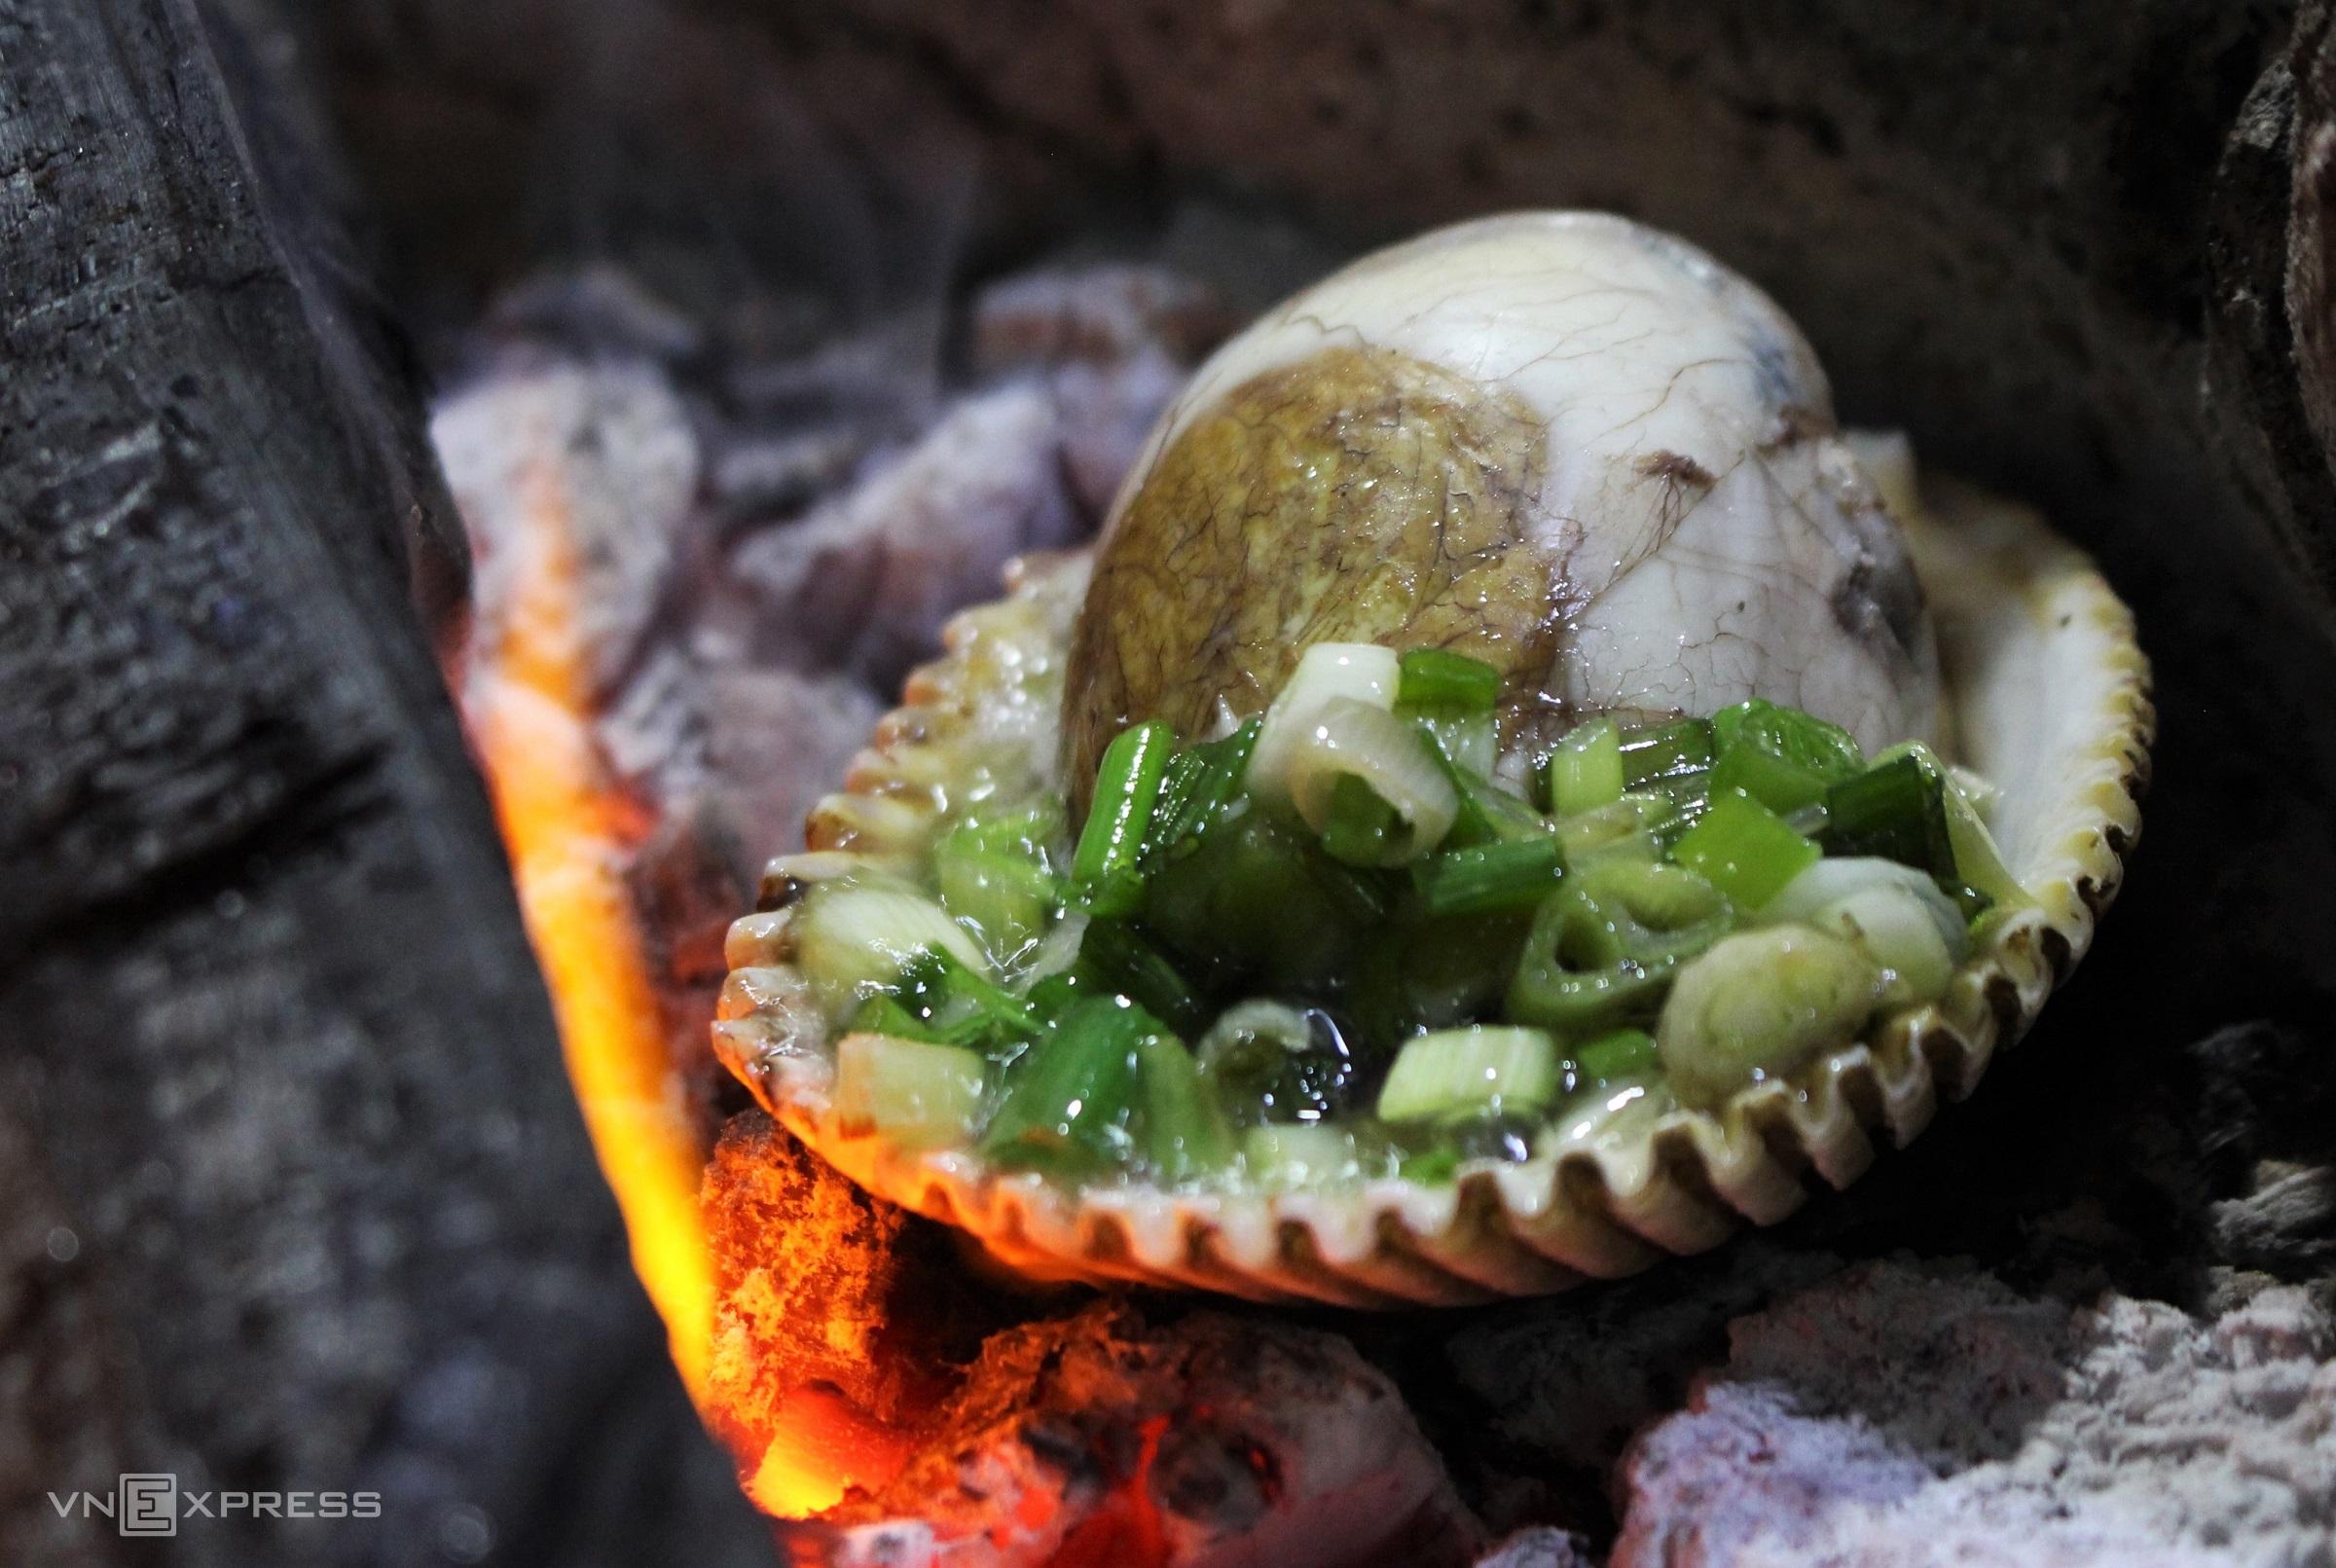 Hột vịt lộn là món ăn đêm quen thuộc với nhiều người, món được chế biến đa dạng như luộc nước dừa, rang me hay nướng trên lửa than hồng. Trứng vịt lộn trước khi nướng được luộc chín, khách gọi chủ quán mới bóc vỏ, bỏ vào vỏ sò lớn cho lên bếp than, thêm mỡ hành lên nướng đến khi phần vỏ sò cháy xém, ngậy mùi thơm thì cho đậu phộng rang vàng đâm nhuyễn phủ lên trên.